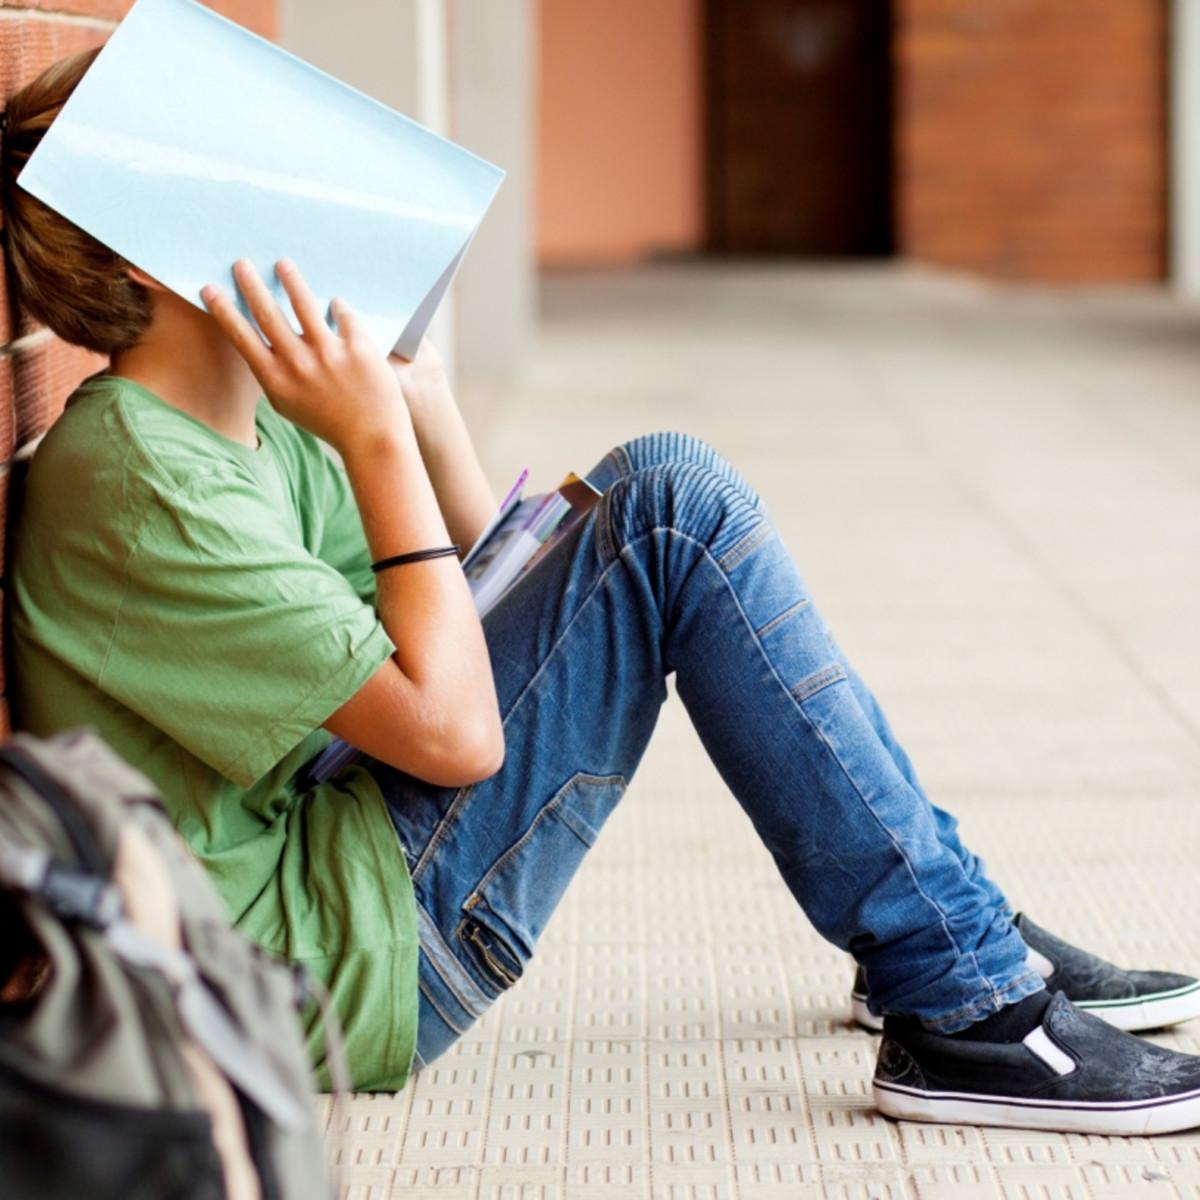 La UGR participa en un proyecto europeo destinado a fomentar y apoyar la inclusión social y educativa del alumnado en riesgo de abandono escolar